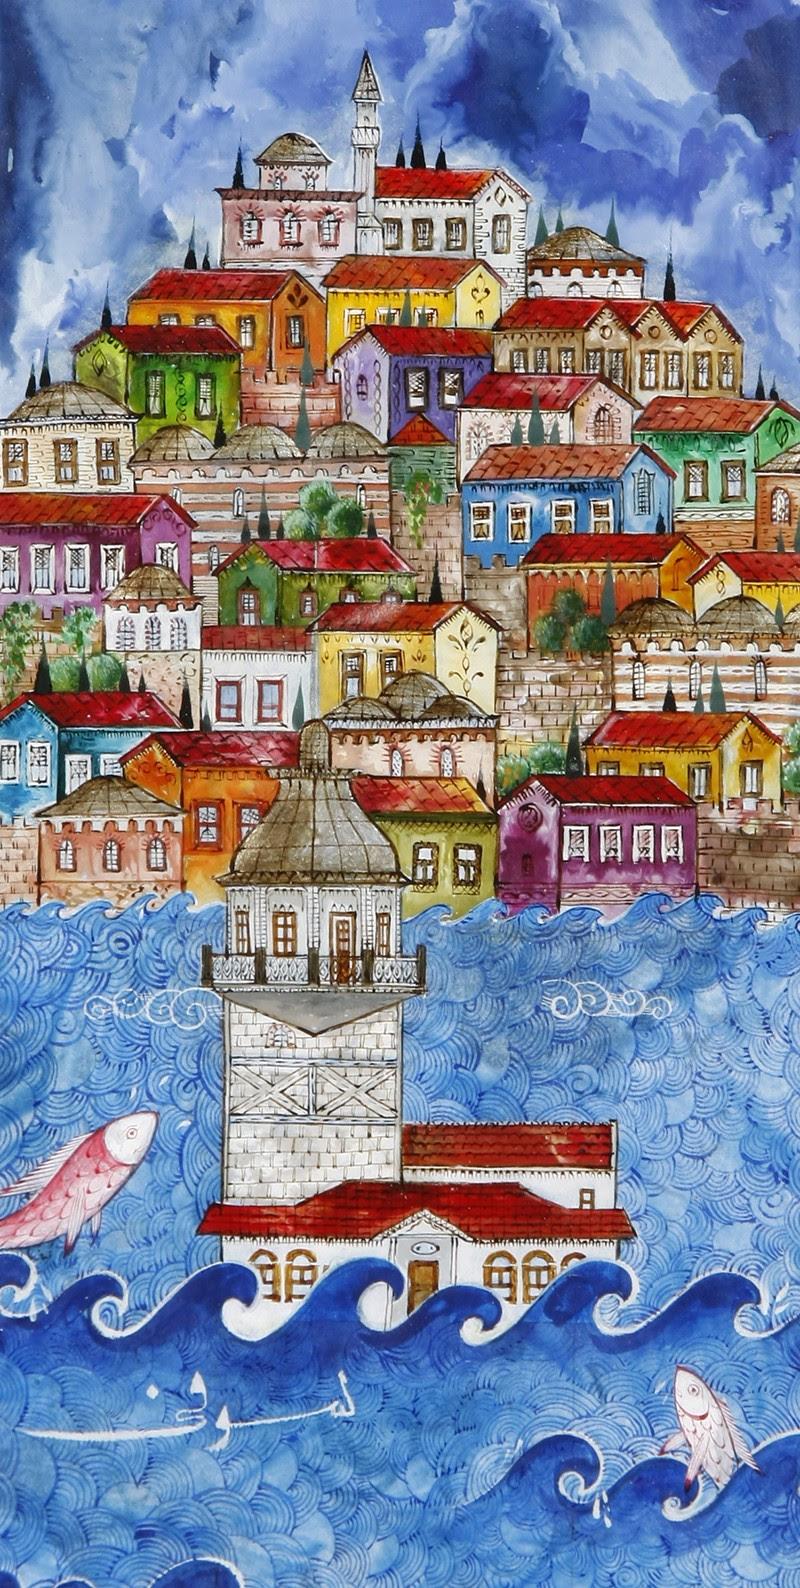 Renklendirilmiş Kız Kulesi Ve Istanbul Manzaralı Minyatür Ofis